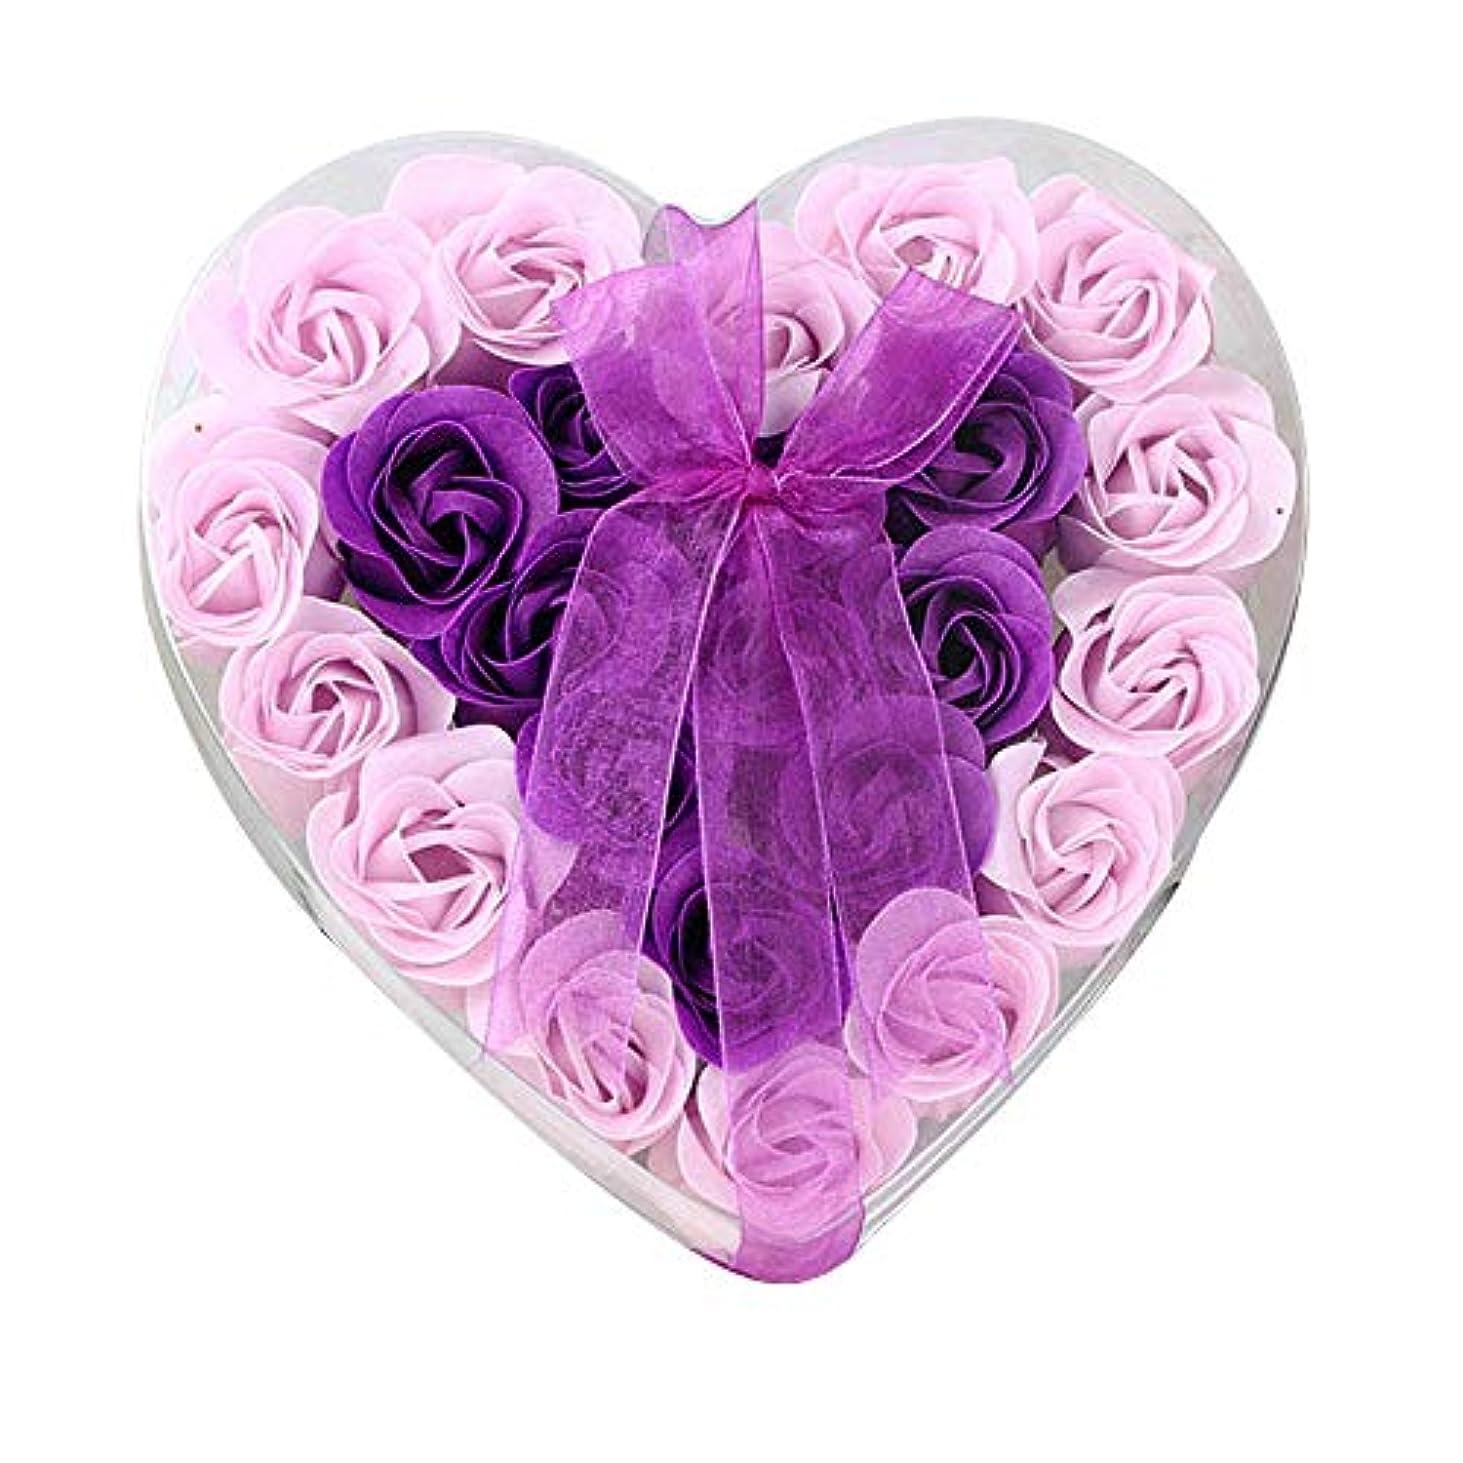 結果として作る祖先24個の手作りのローズ香りのバスソープの花びら香りのバスソープは、ギフトボックスの花びらをバラ (色 : 紫の)